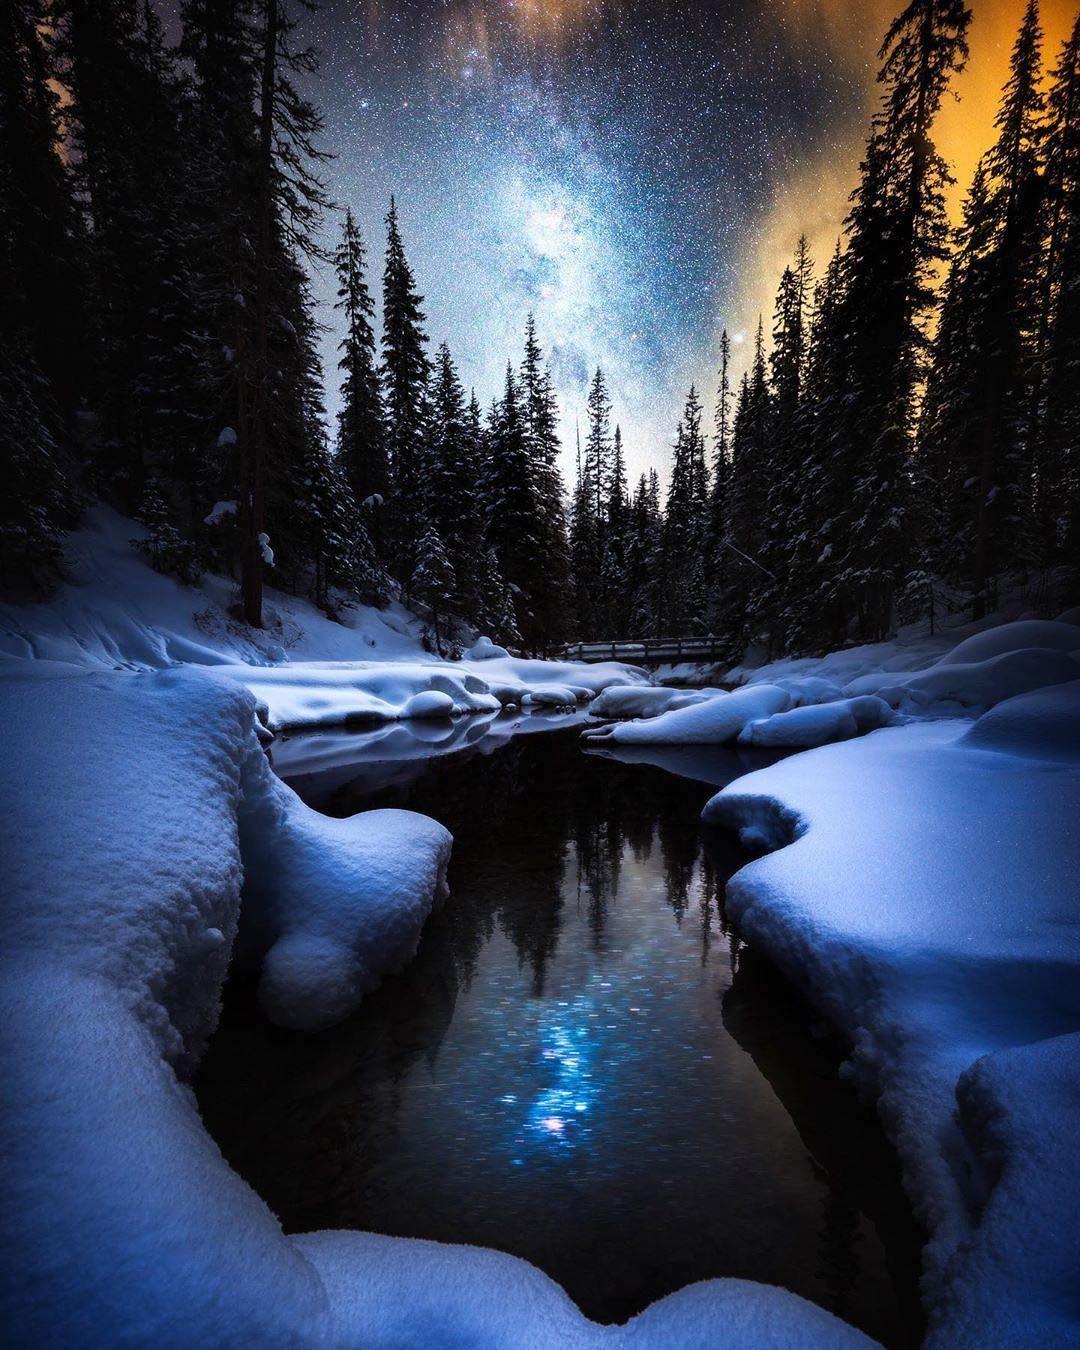 Brilliant photo b Chụp Ảnh Phong Cảnh, Nhiếp Ảnh Thiên Nhiên, Tuyết